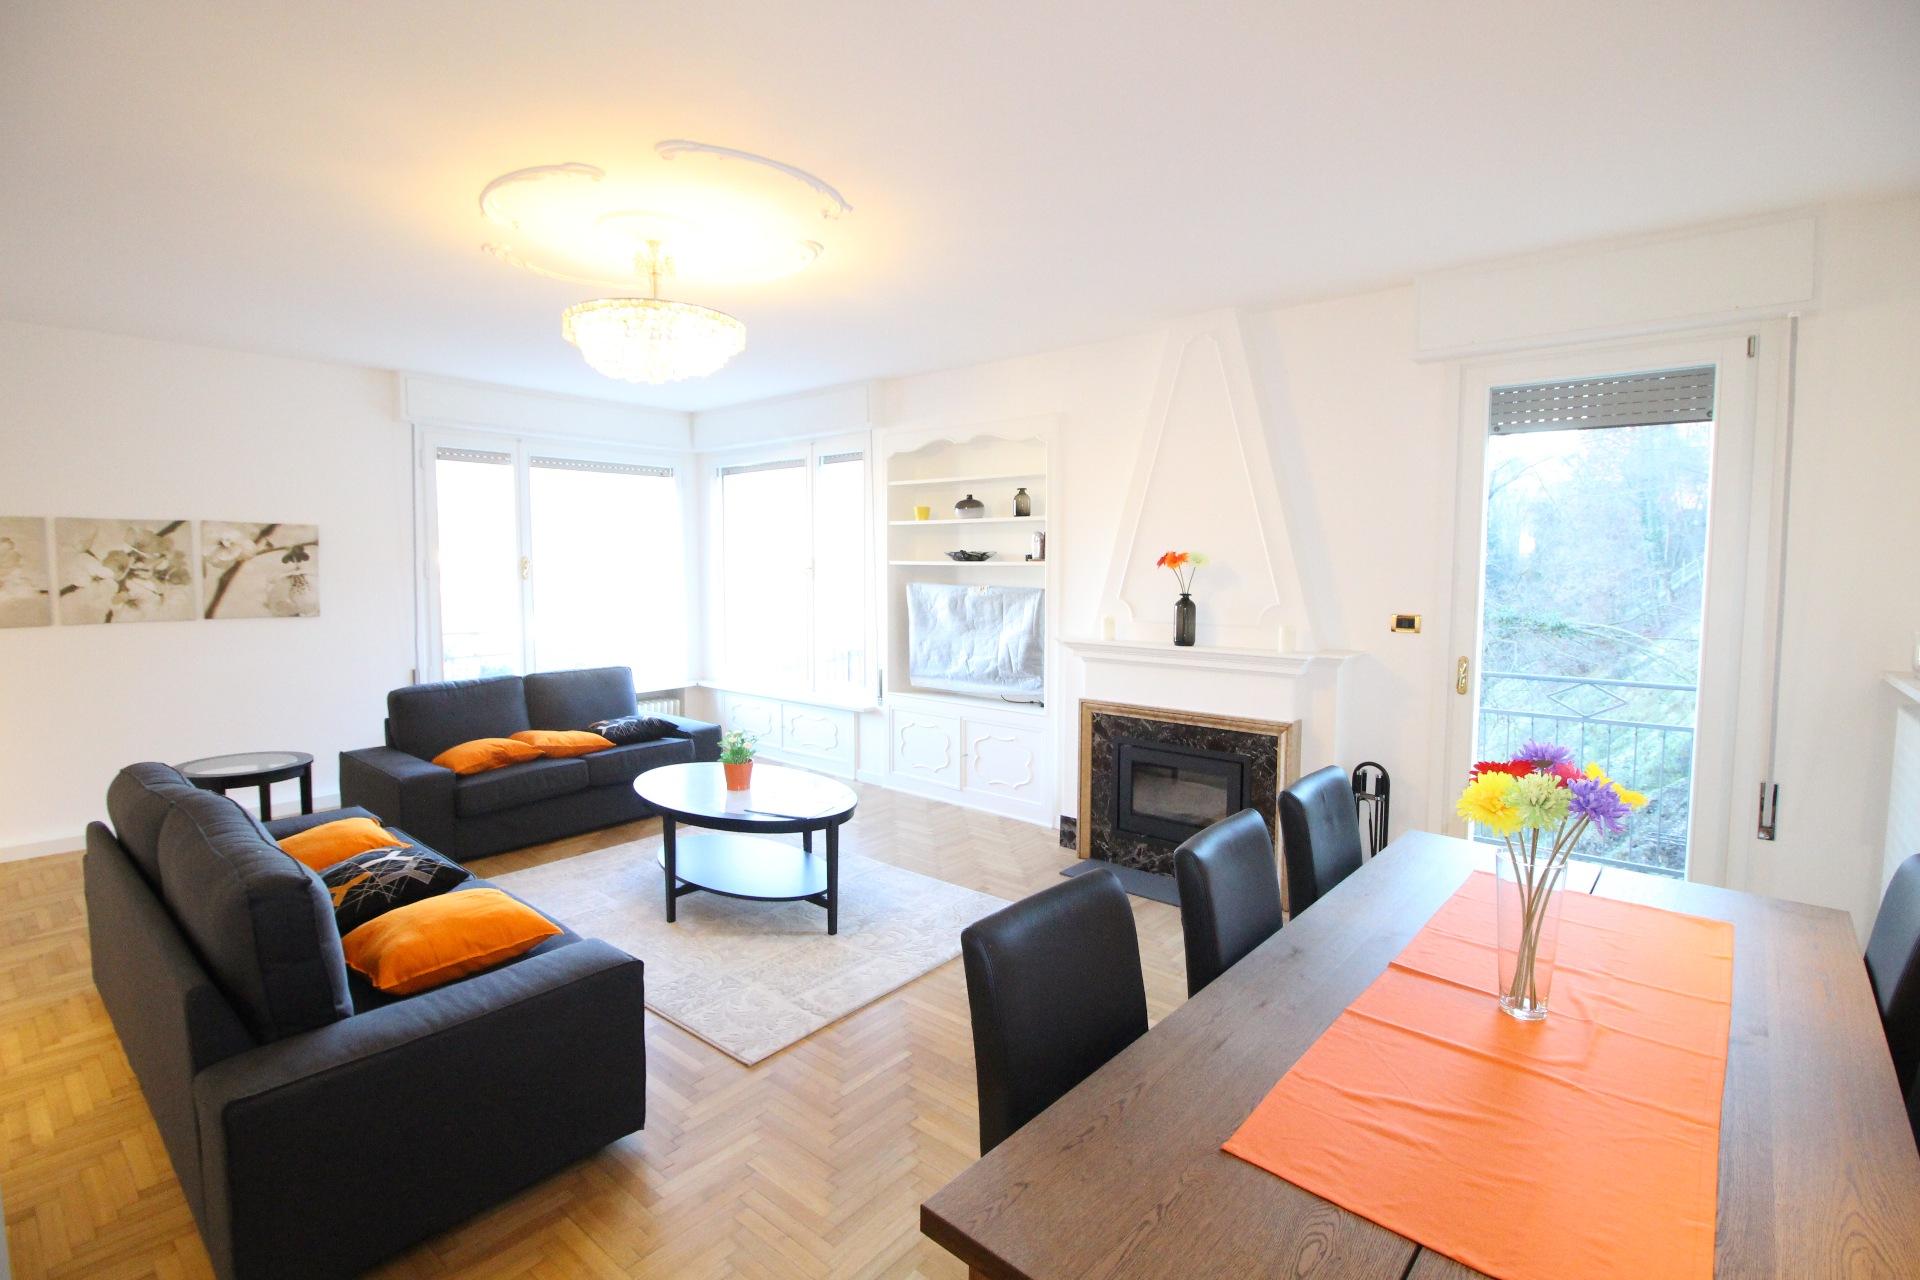 Appartamento completamente ristrutturato for Appartamenti ristrutturati